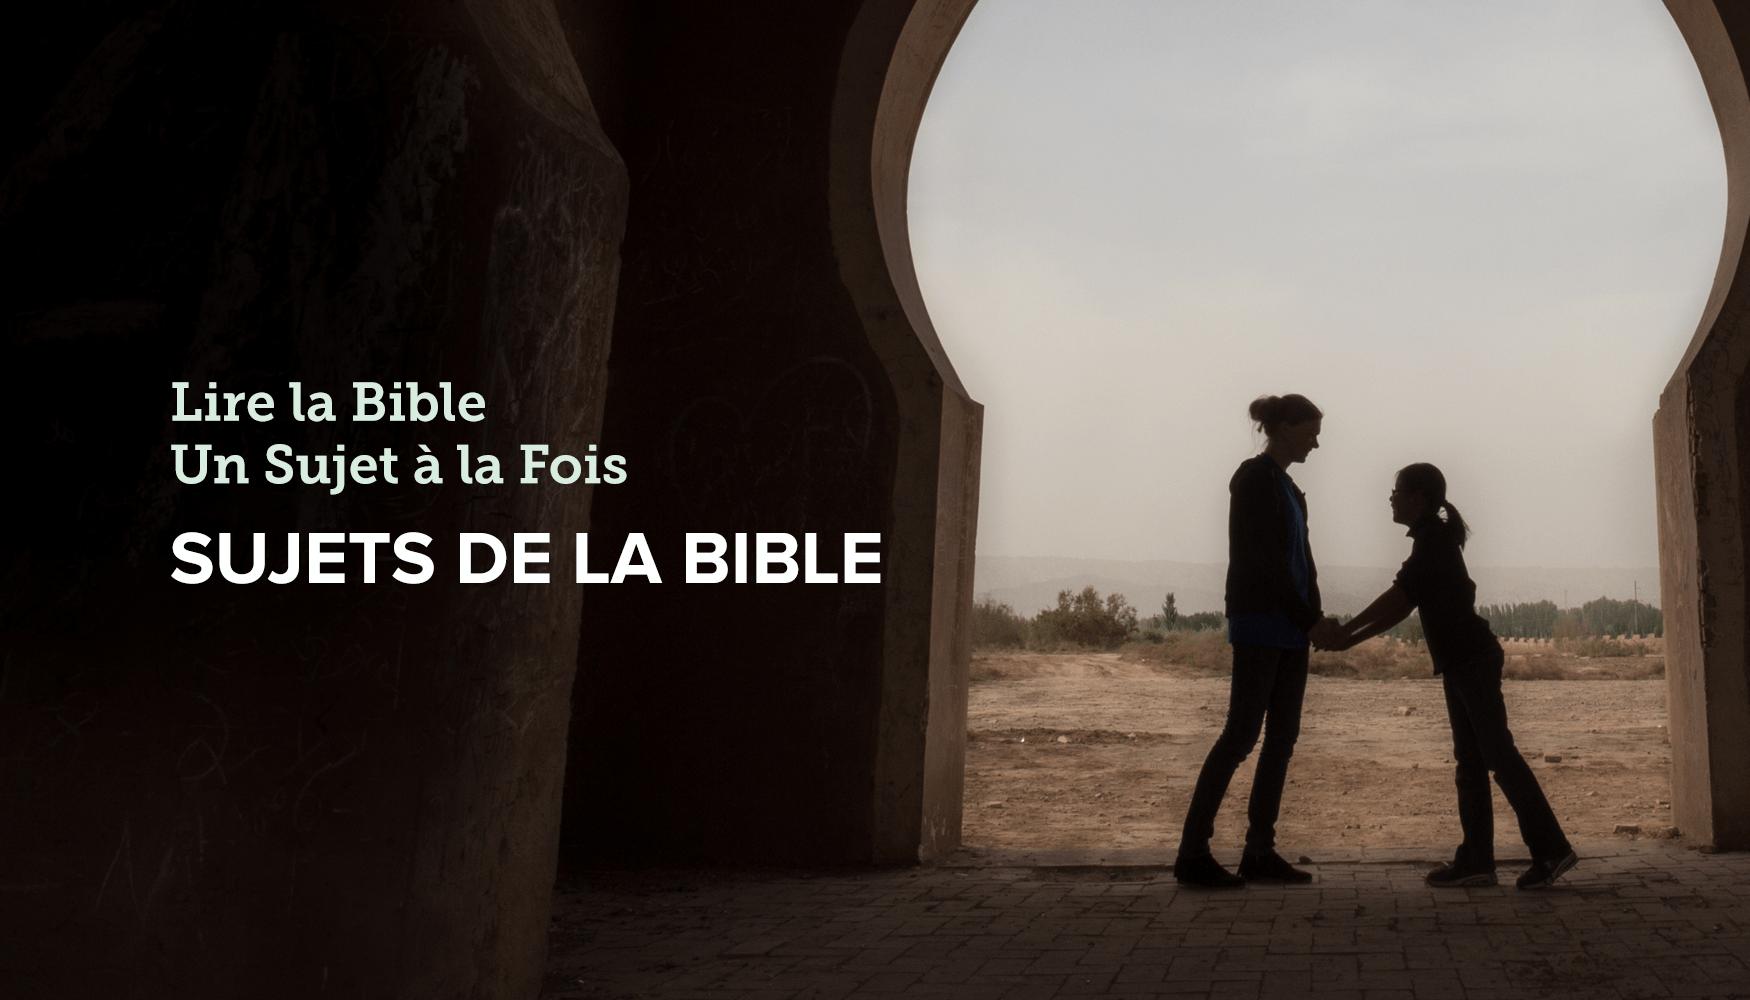 sujets de la bible